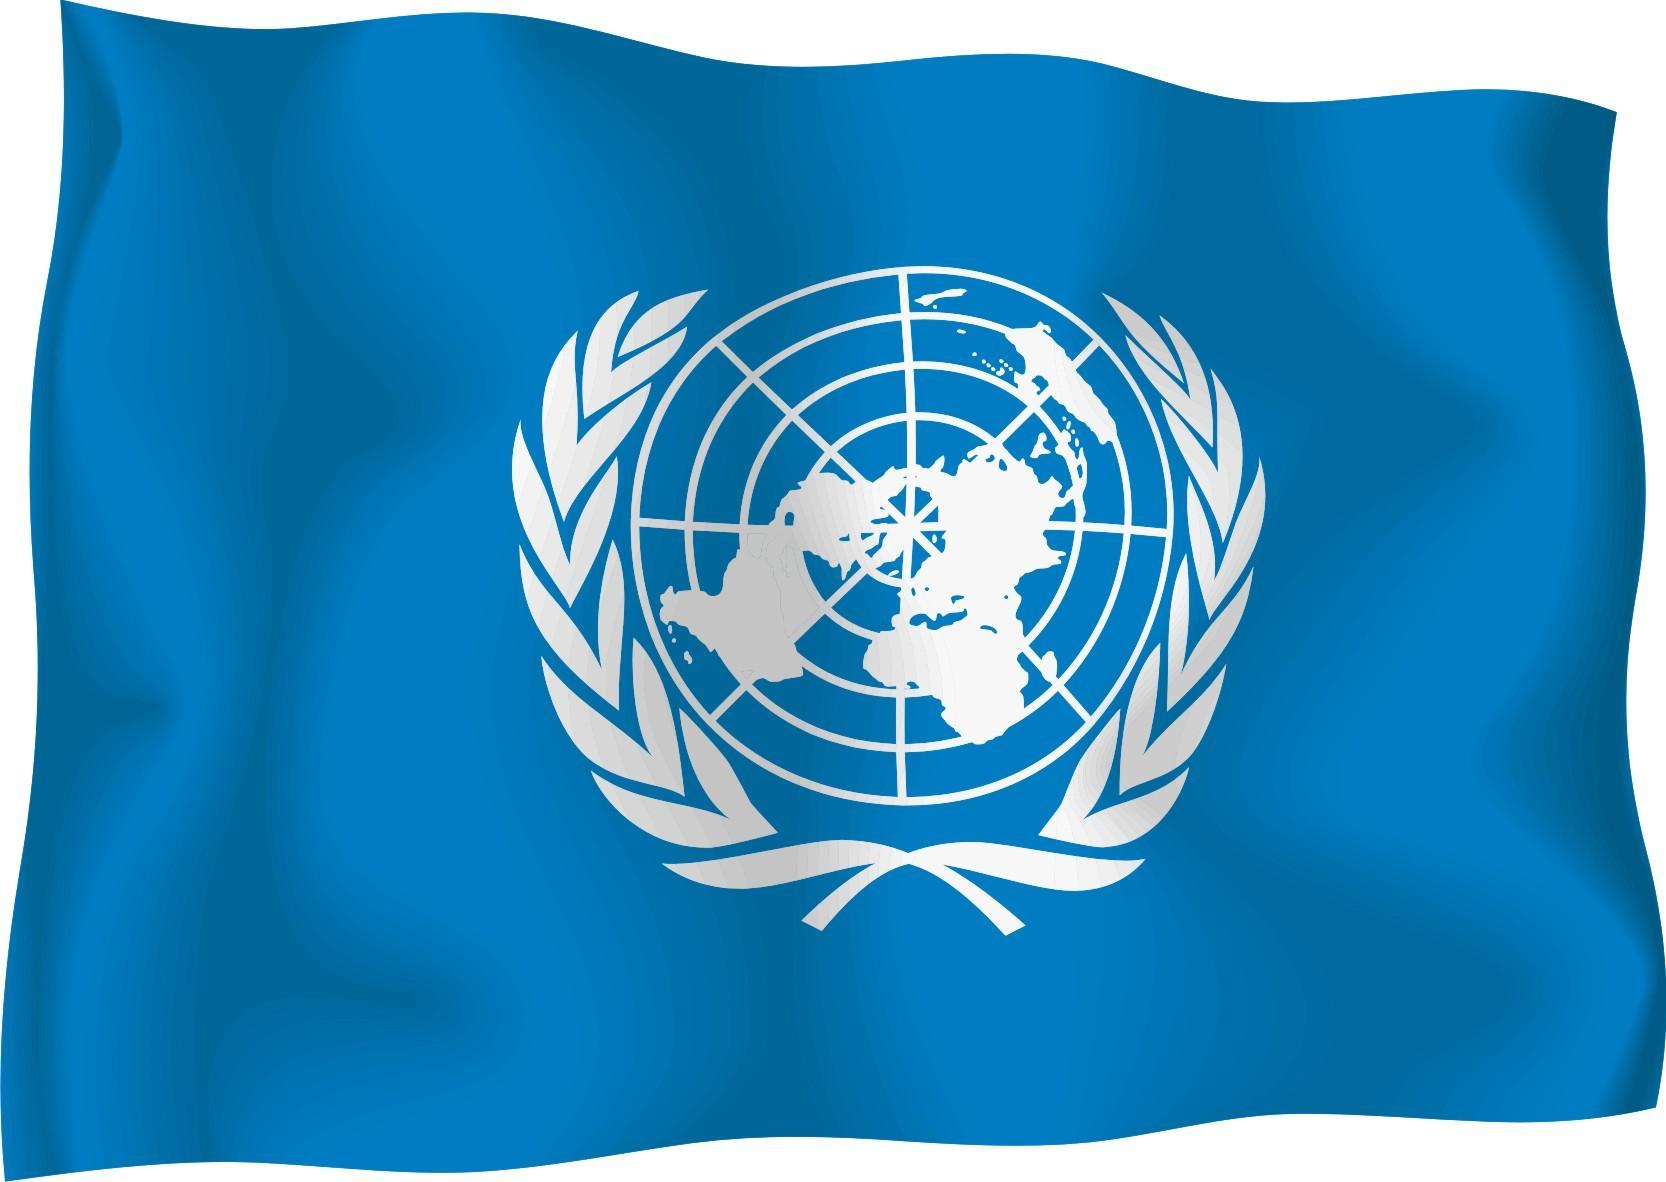 Всемирная организация здравоохранения бьёт тревогу из-за соли 2